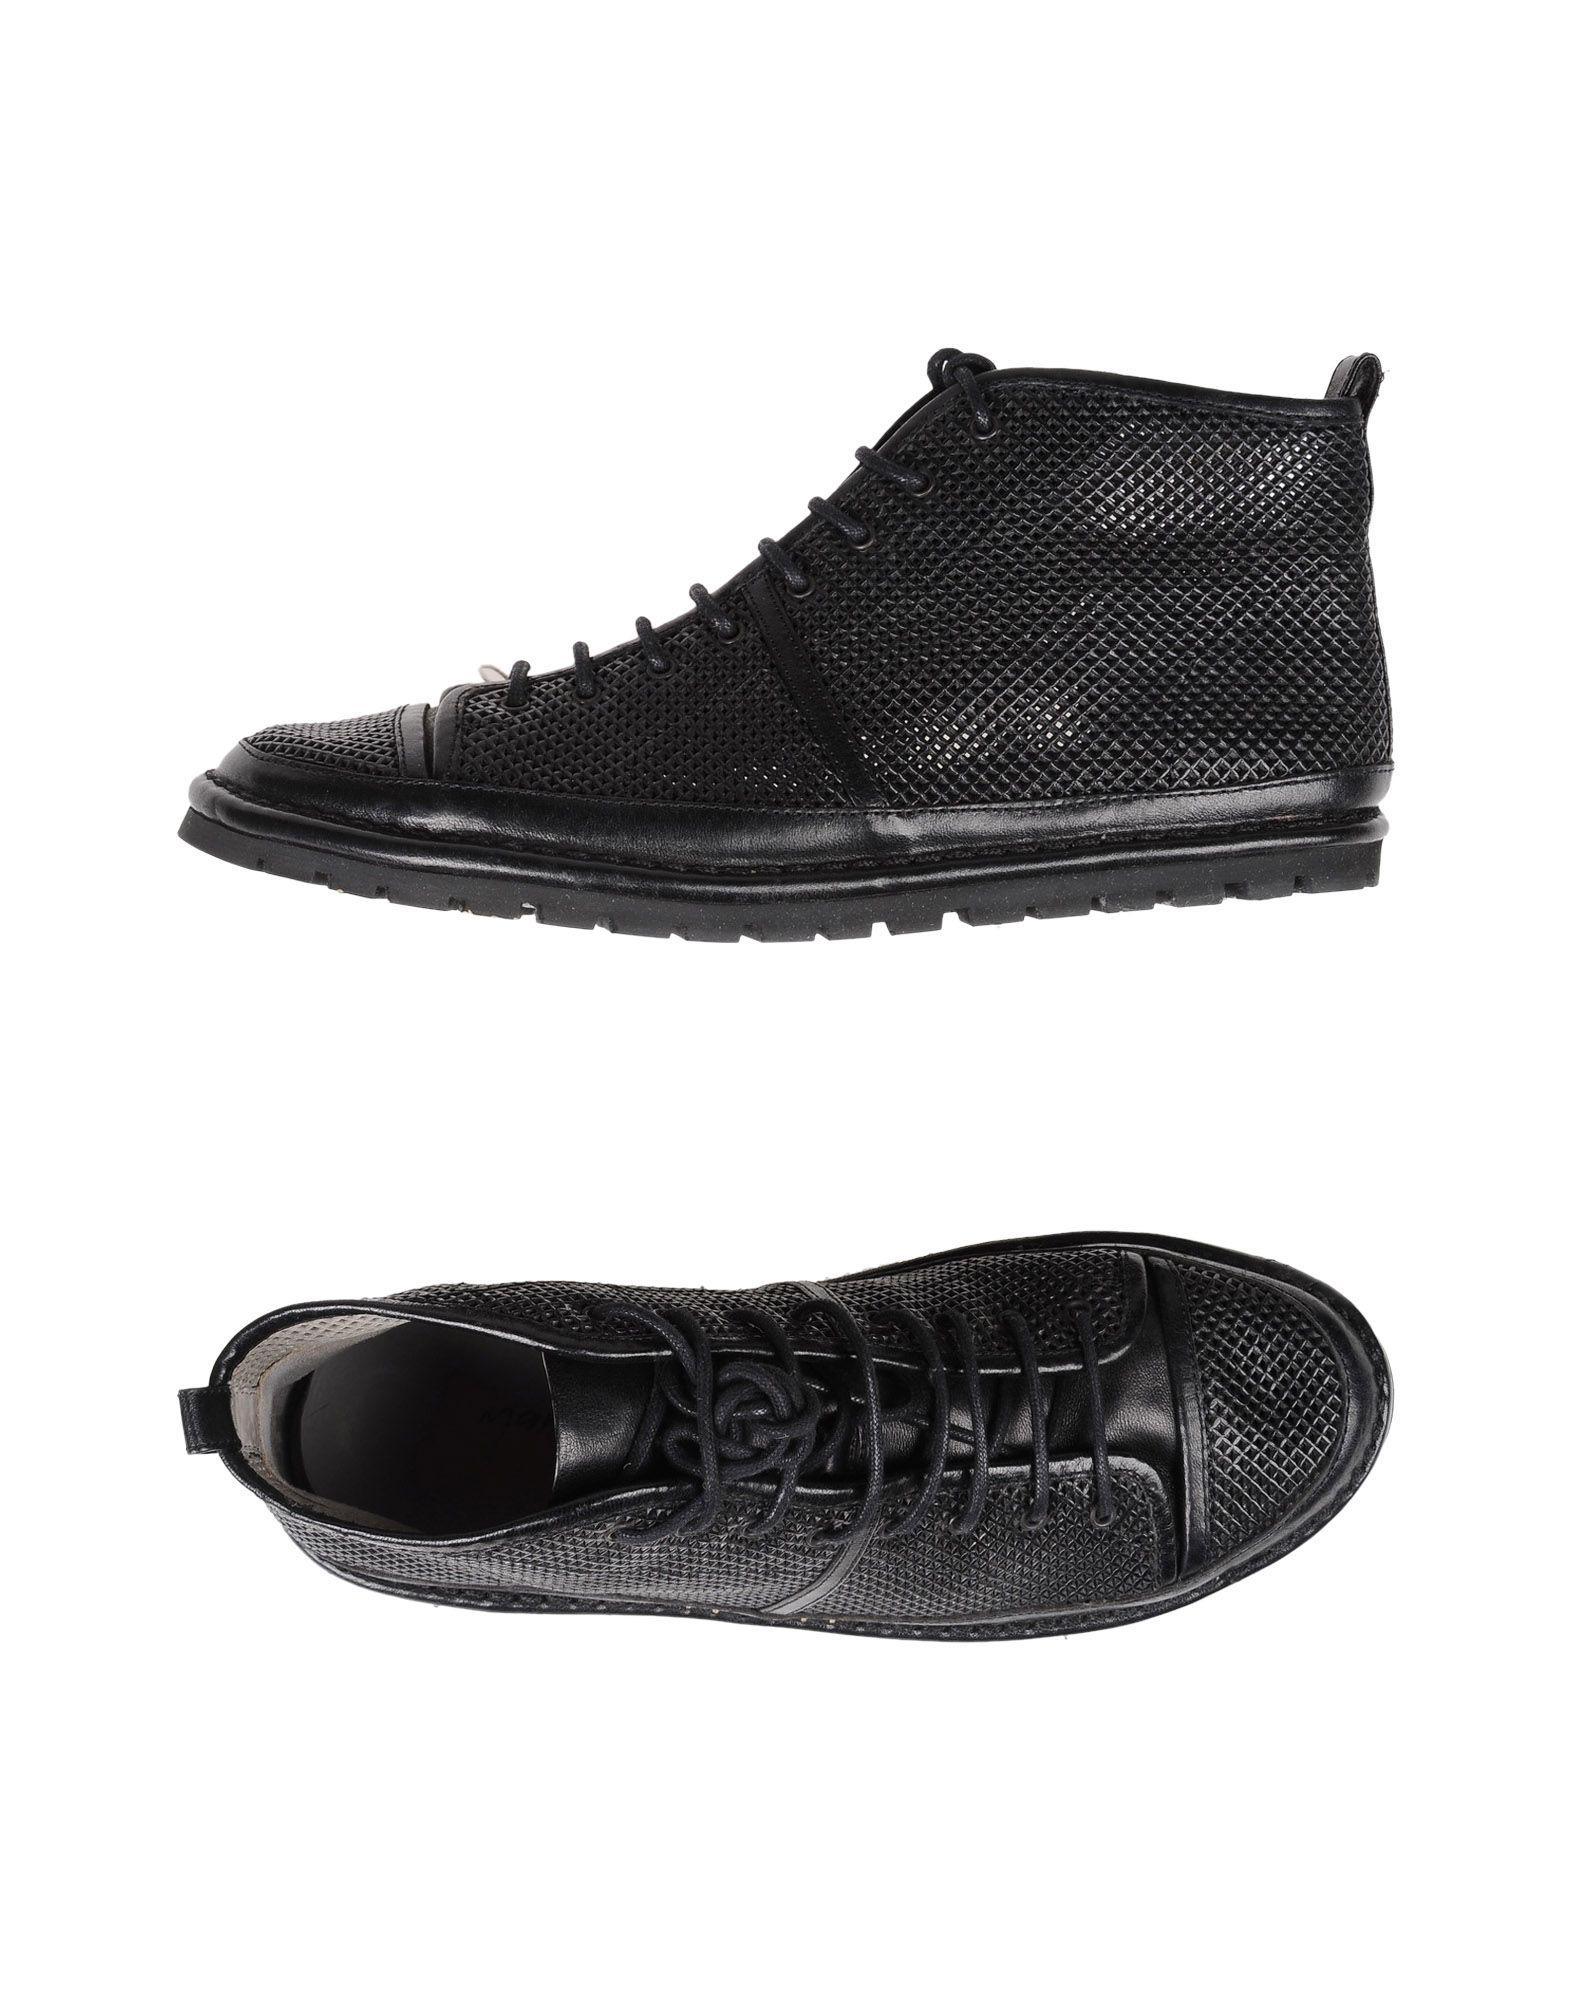 Paiement Sécurisé Marsèllhigh top sneakers Pré-commander Acheter Moins Cher Prix Pas Cher 61X6Hb6x2z